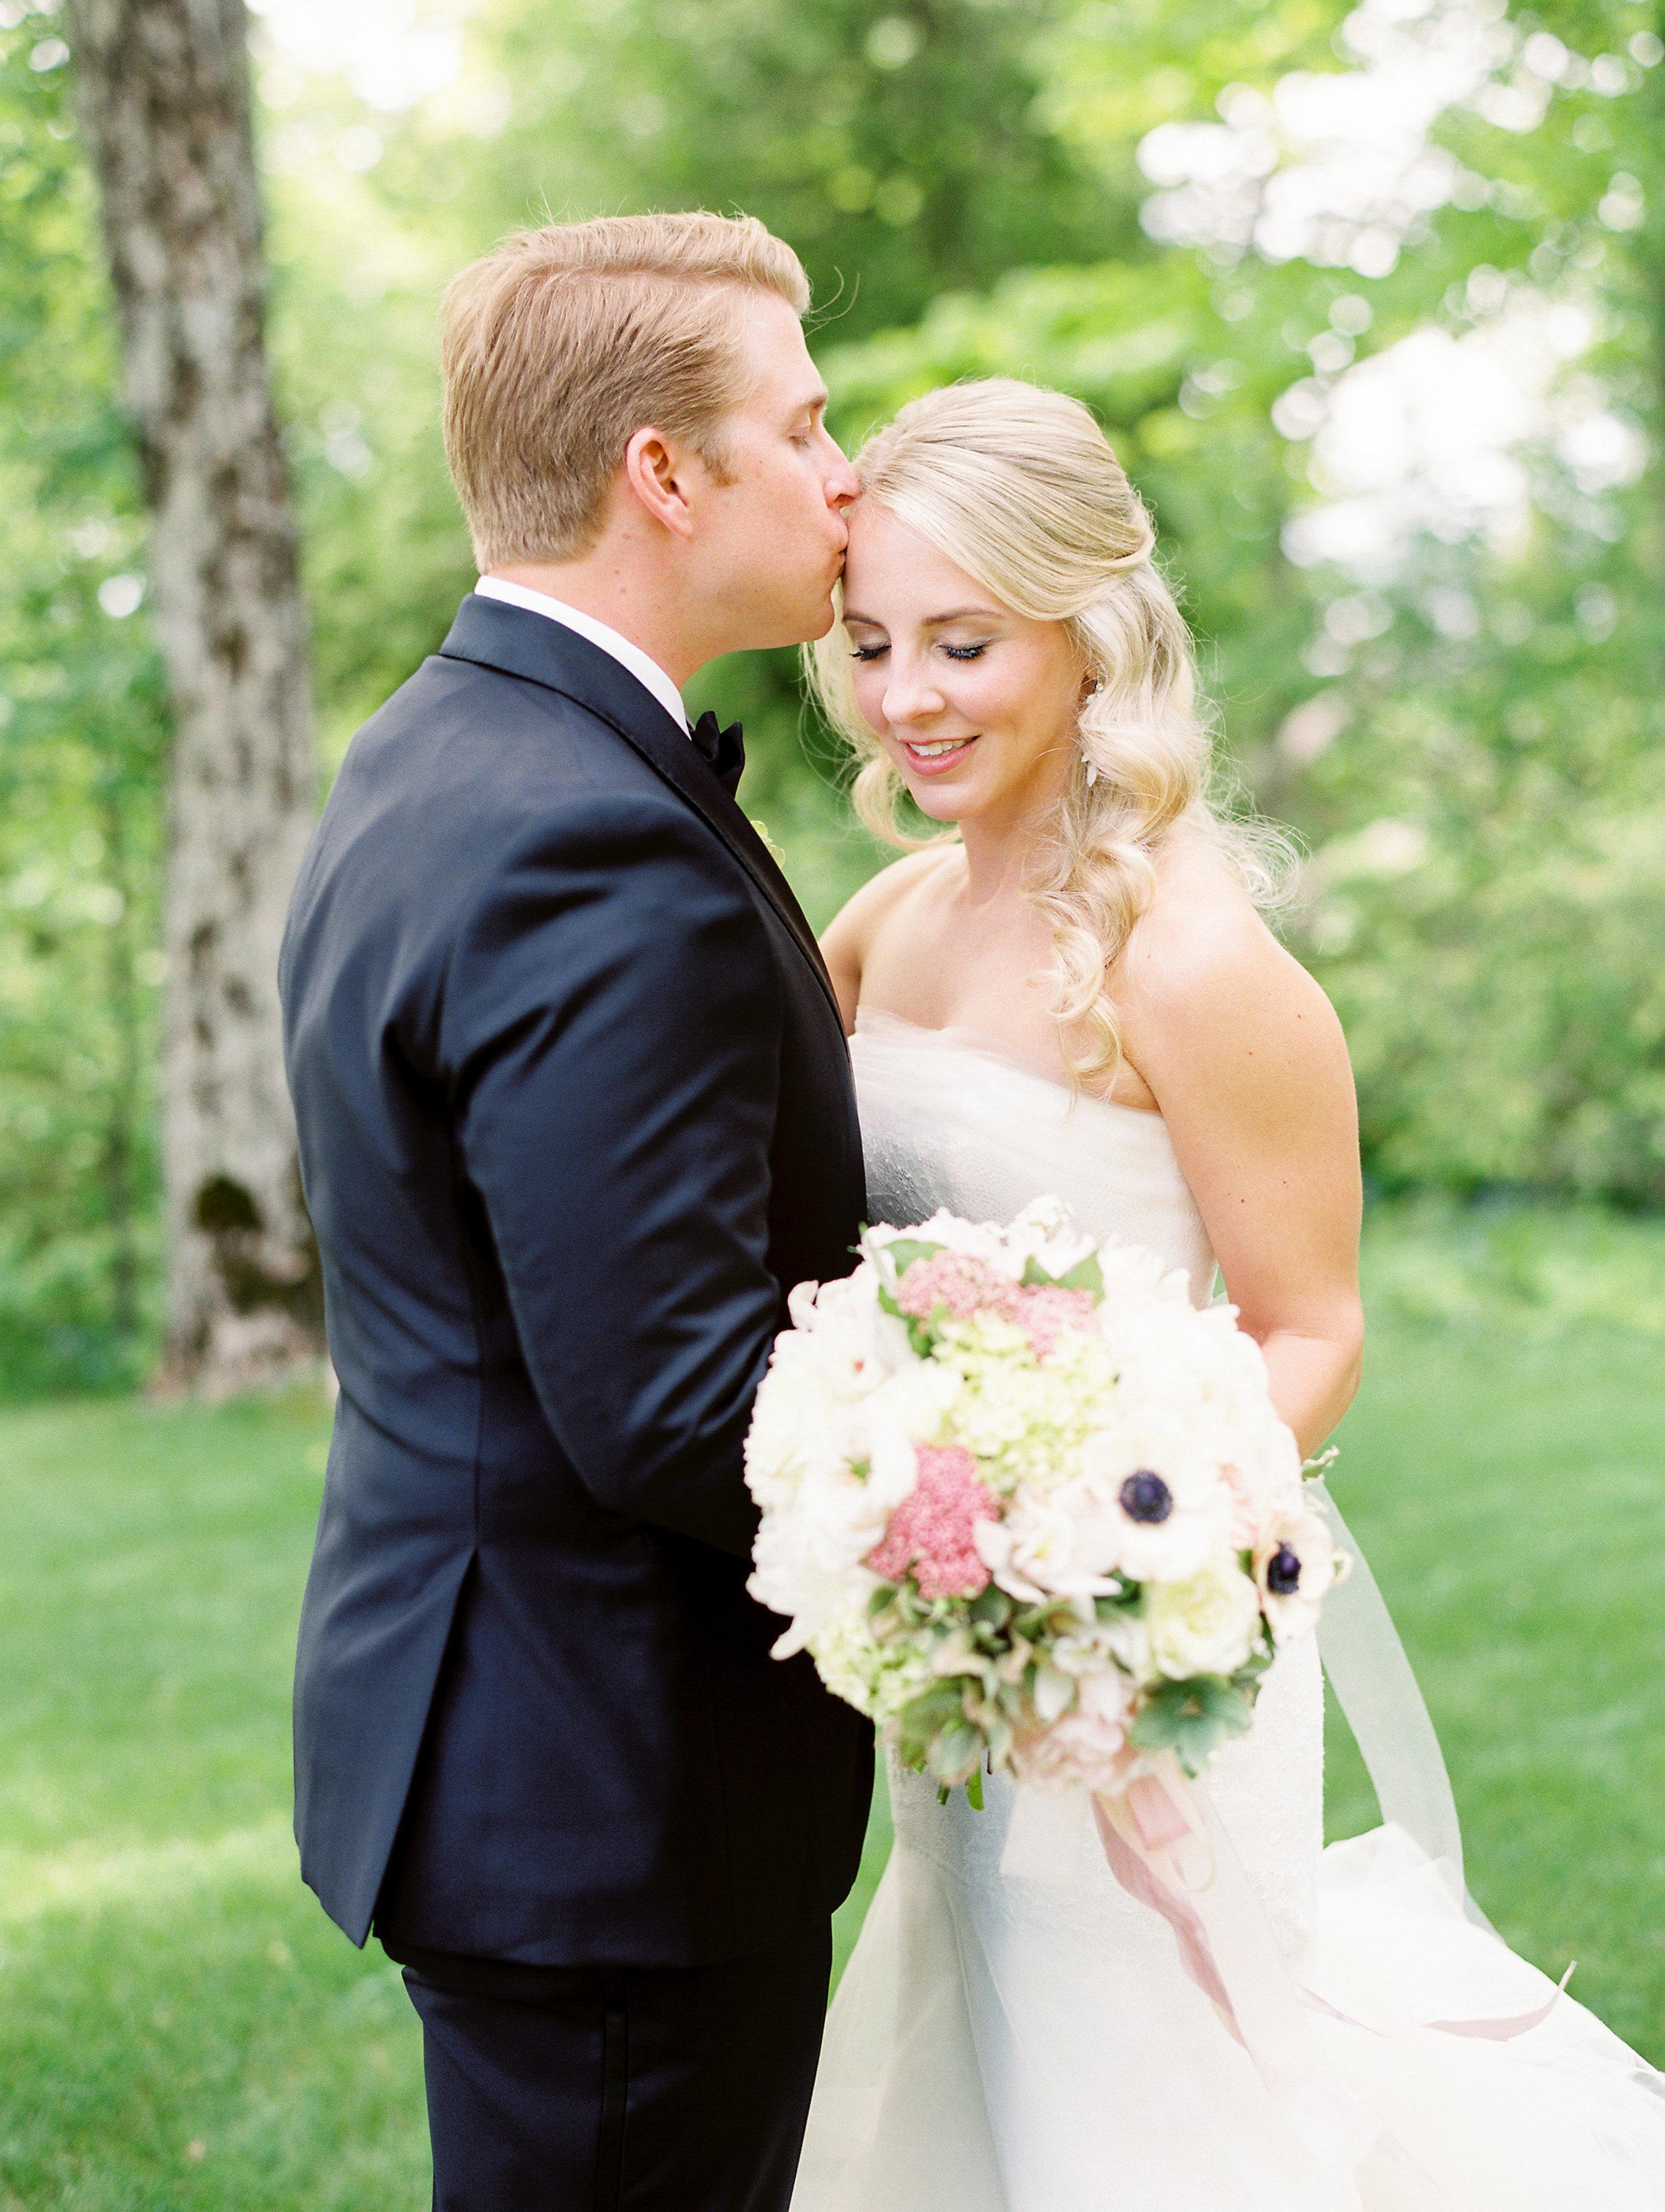 Coffman+Wedding+BrideGrooma-25.jpg